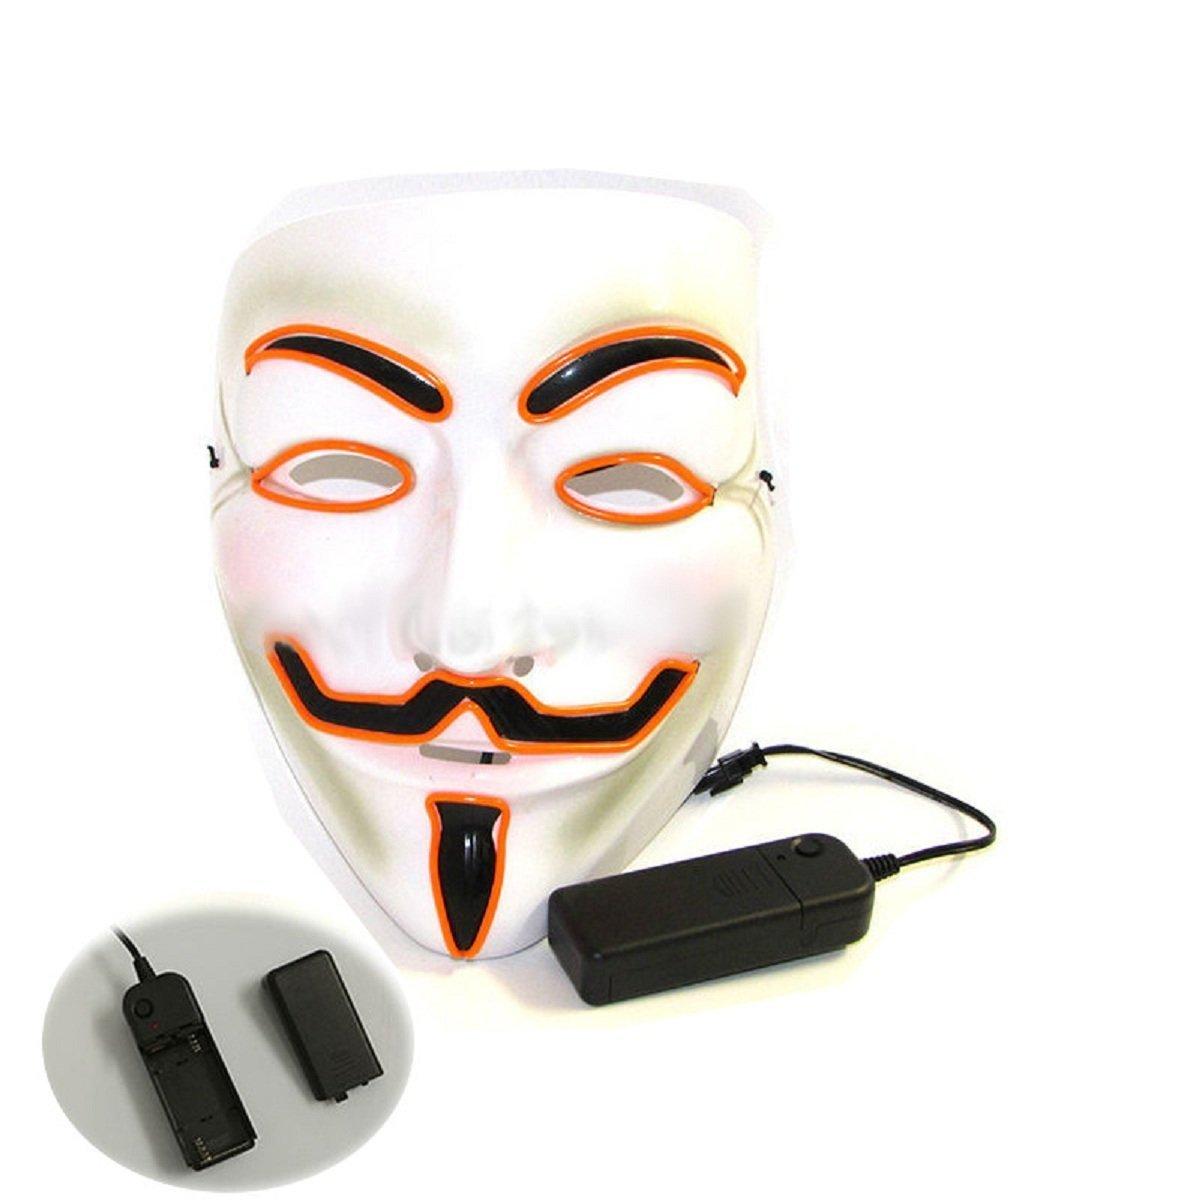 Inception Pro Infinite Máscara para Disfraz - Traje - Carnaval - Halloween - Anónimo - Led Brillante - Naranja - Adultos - Unisex - Mujer - Hombre - Niños ...